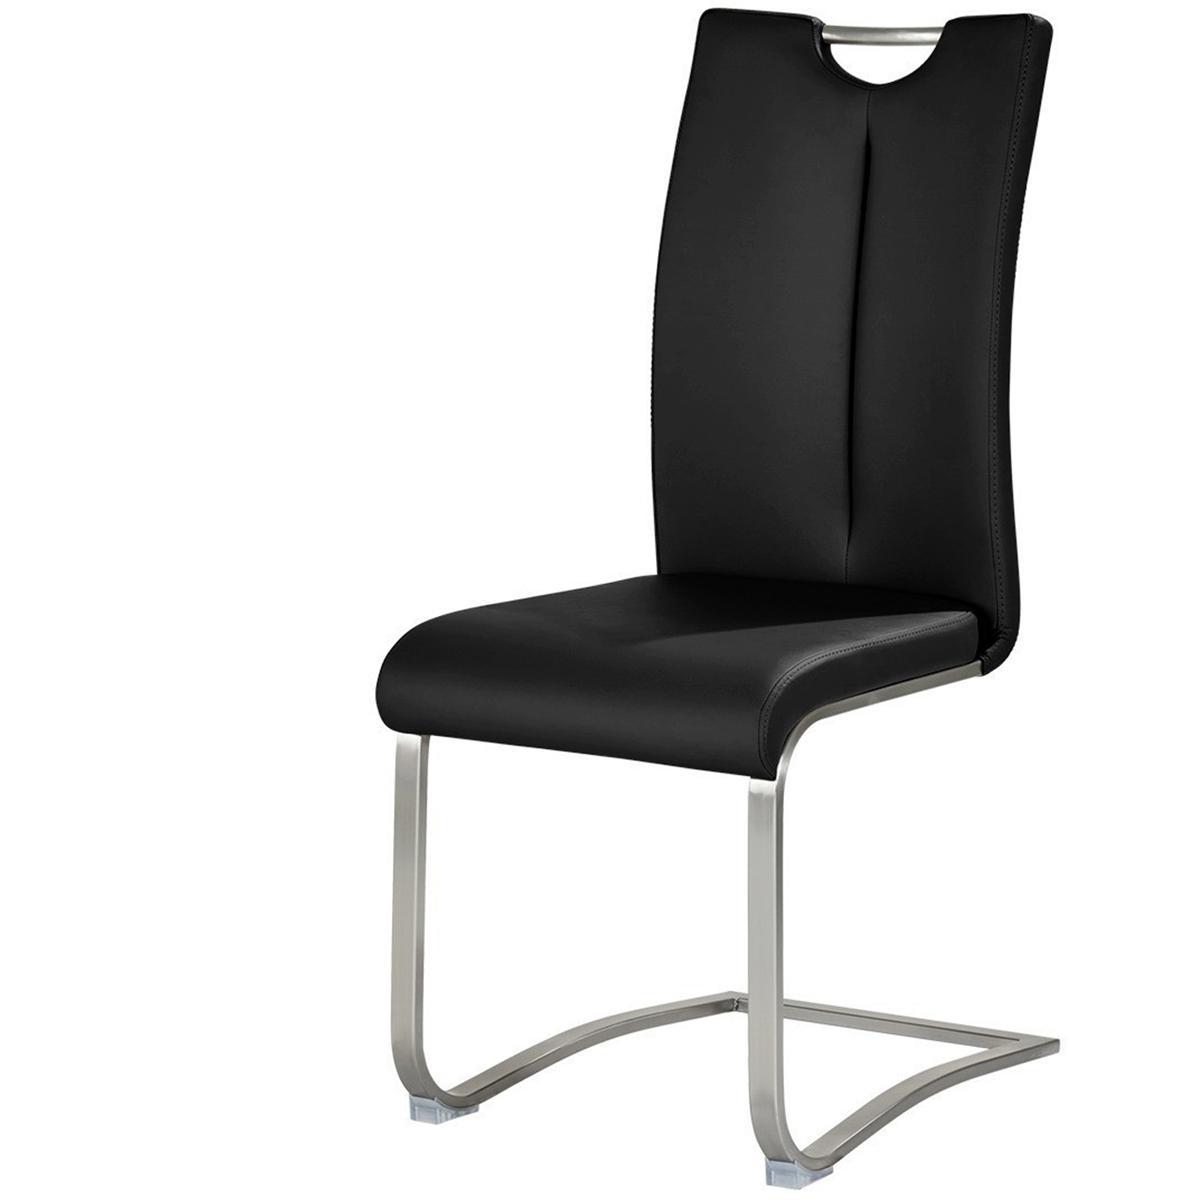 Pegane Lot de 2 chaises de salle à manger en acier et cuir artificiel noir - H.102 x L.45 x P.58 cm